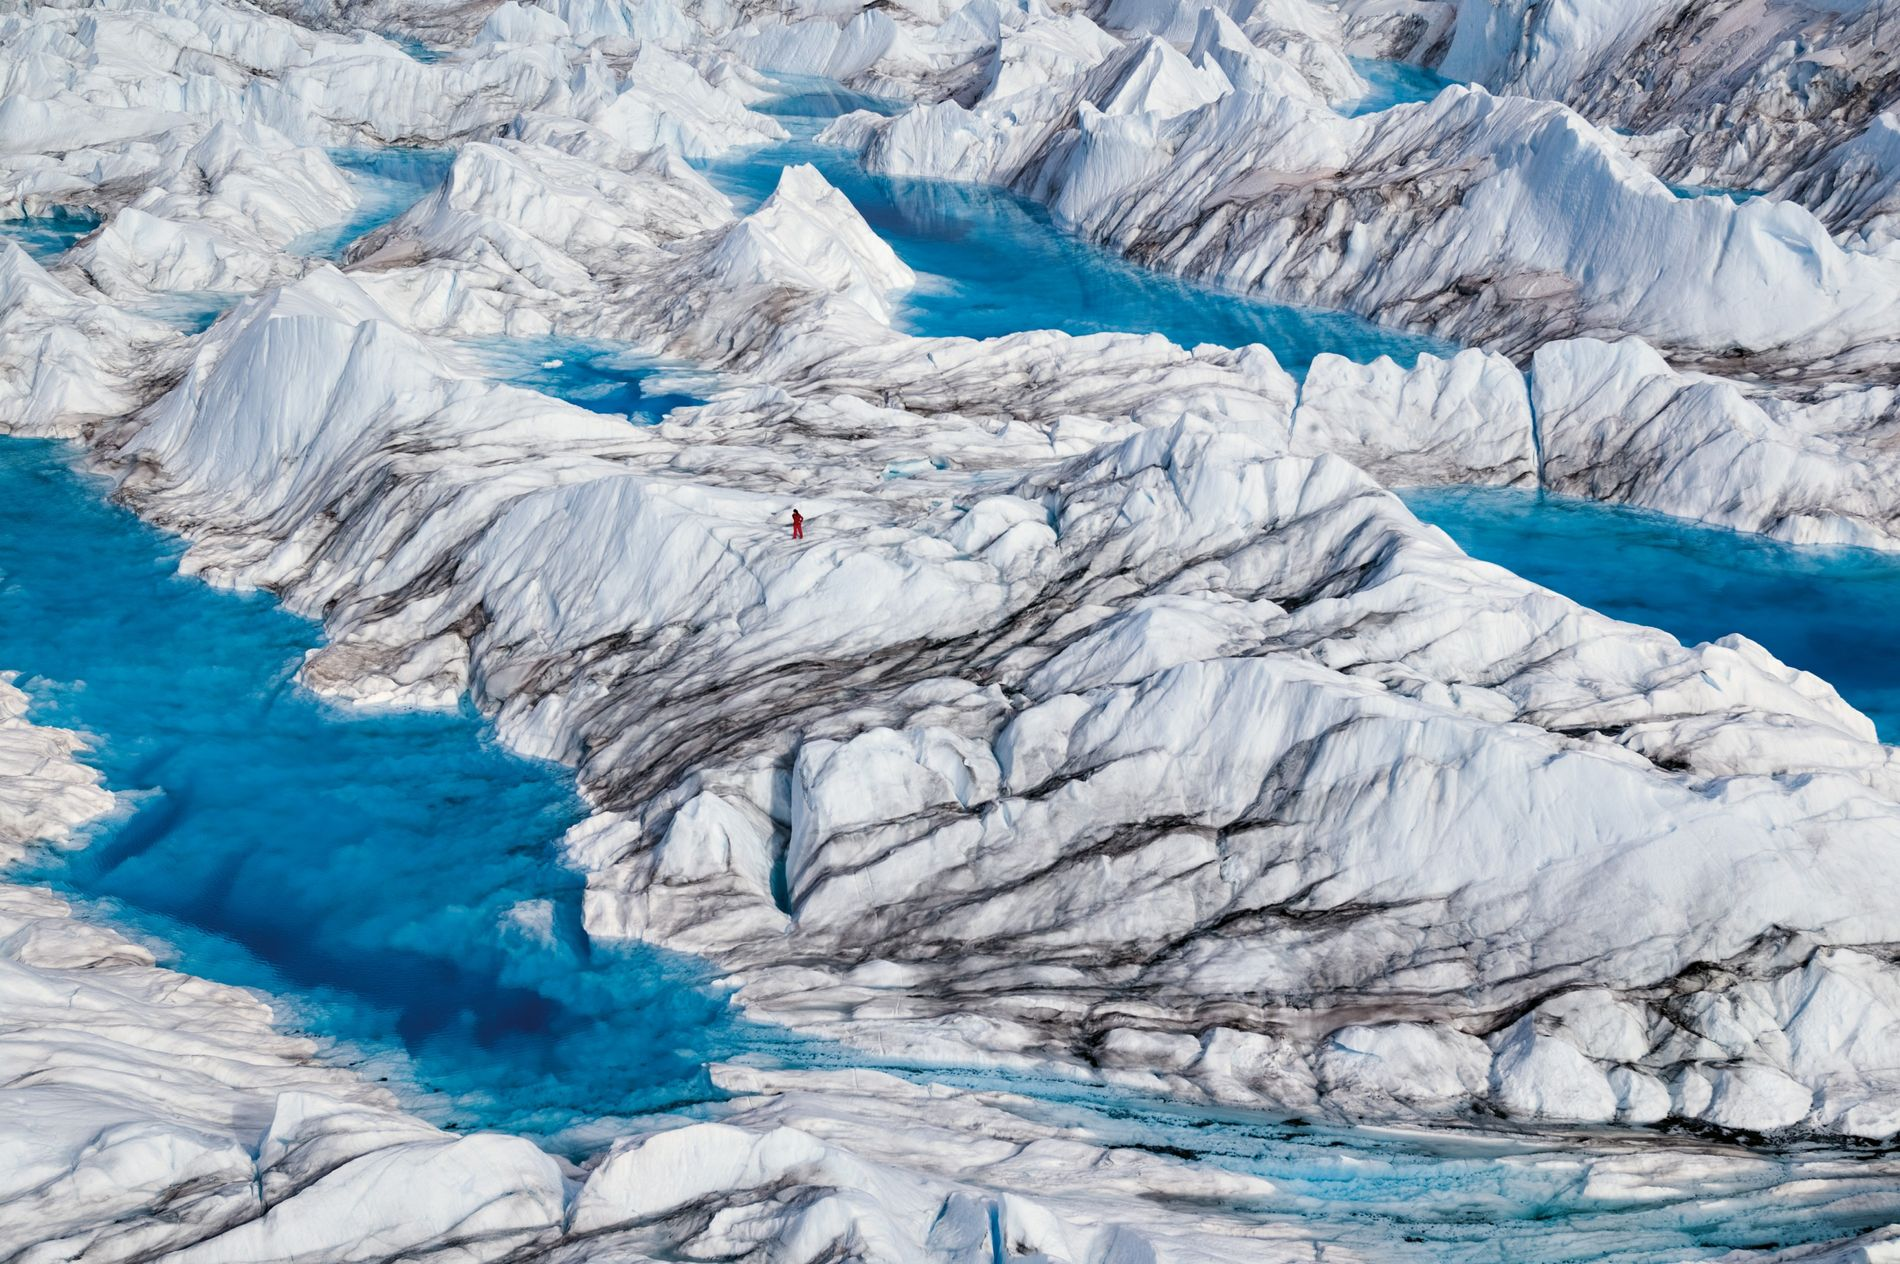 Ein Wissenschaftler in rotem Overall untersucht Schmelzwasserseen auf dem Grönländischen Eisschild. Seit 2002 gingen hier jährlich im Schnitt 287 Milliarden Tonnen Eis verloren